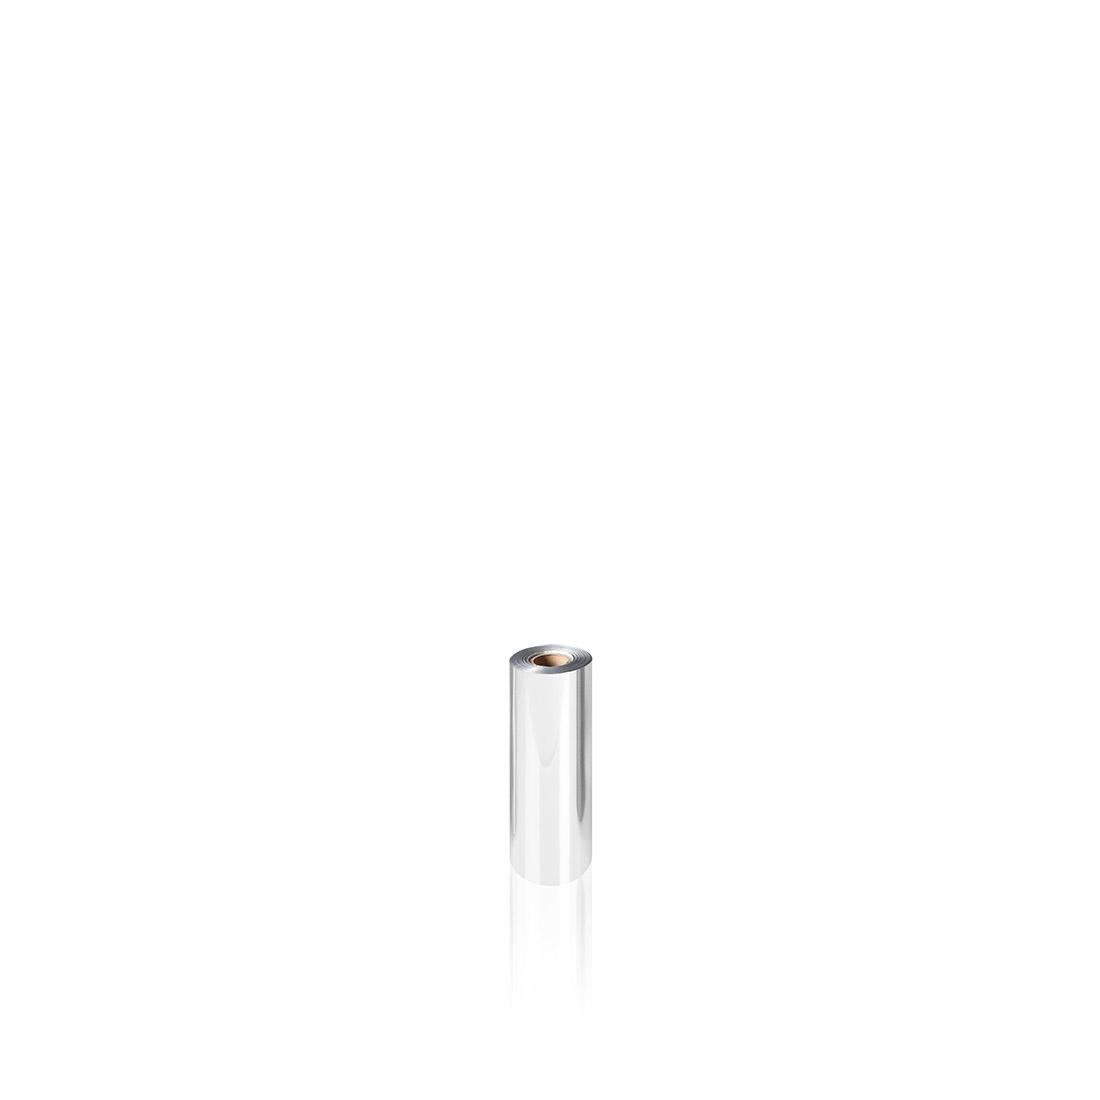 Uniwersalna folia do złoceń, nabłyszczeń w rolce - O.FOIL NEW UNIVERSAL - 16 cm x 120 m - srebrny